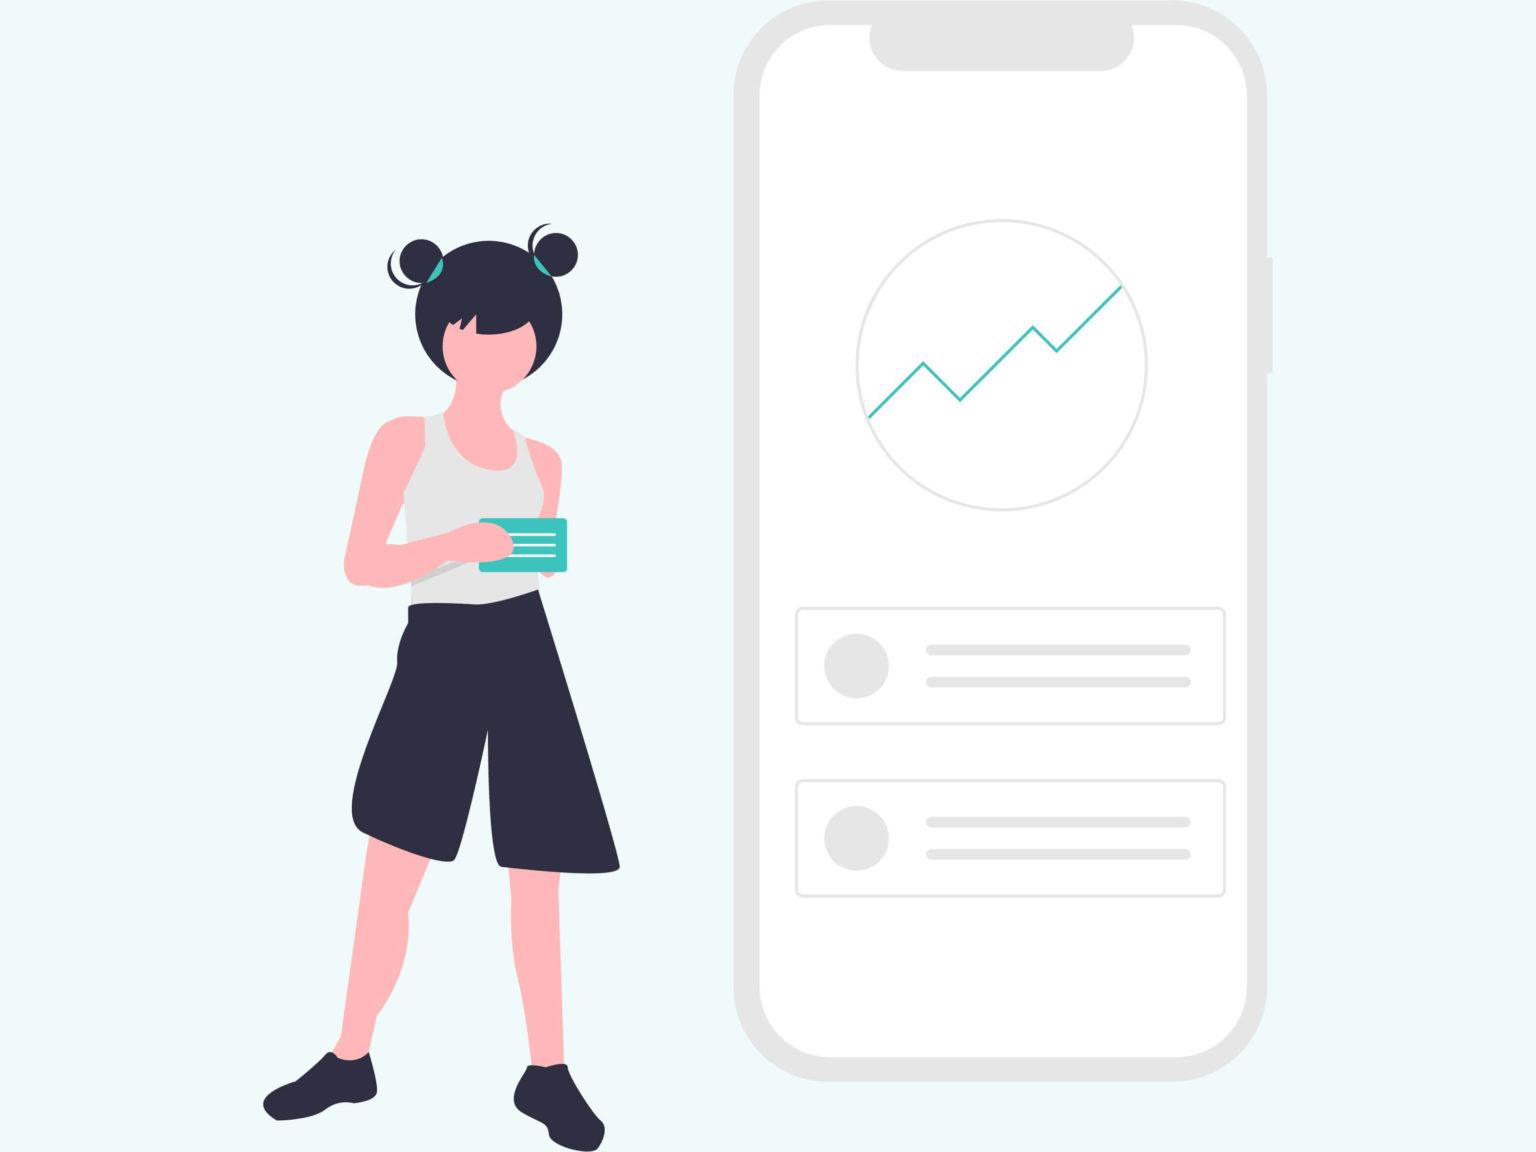 besten-finanz-apps-vergleich-2020